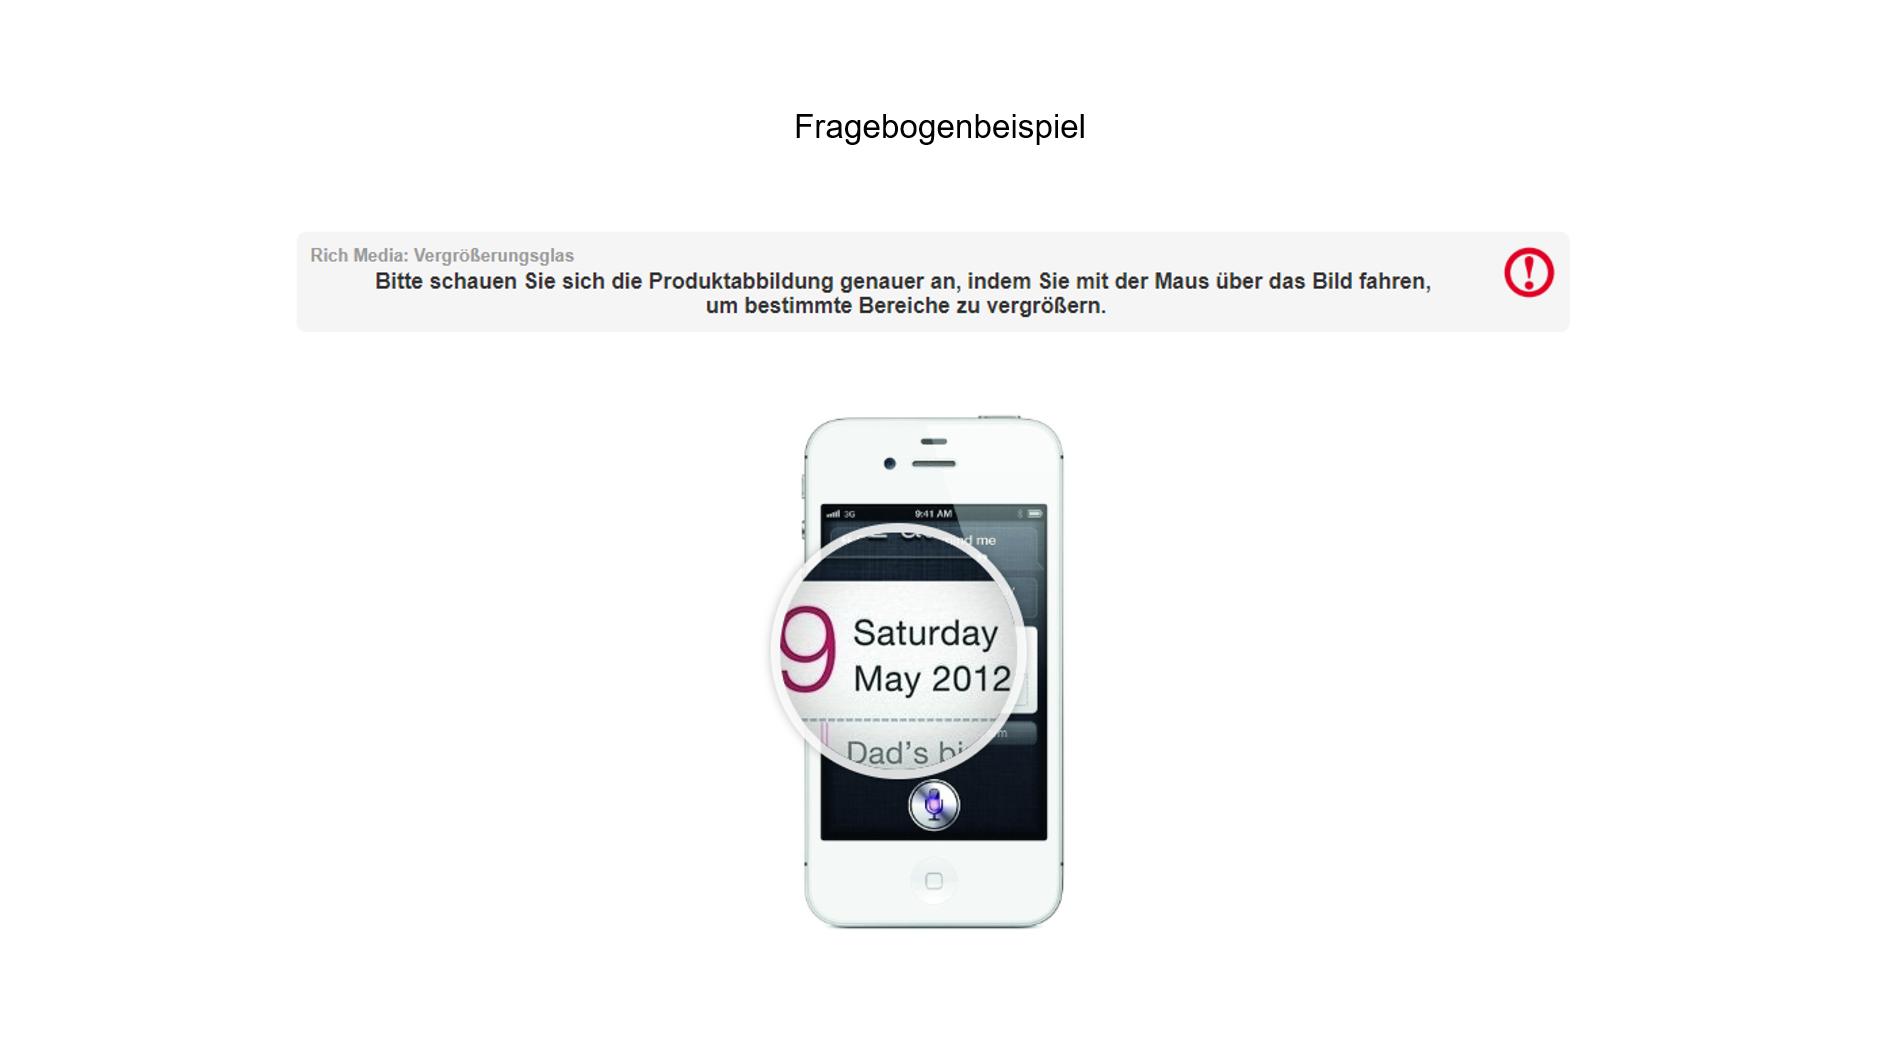 Fragebogenprogrammierung Beispiel Produktabbildung Smartphone